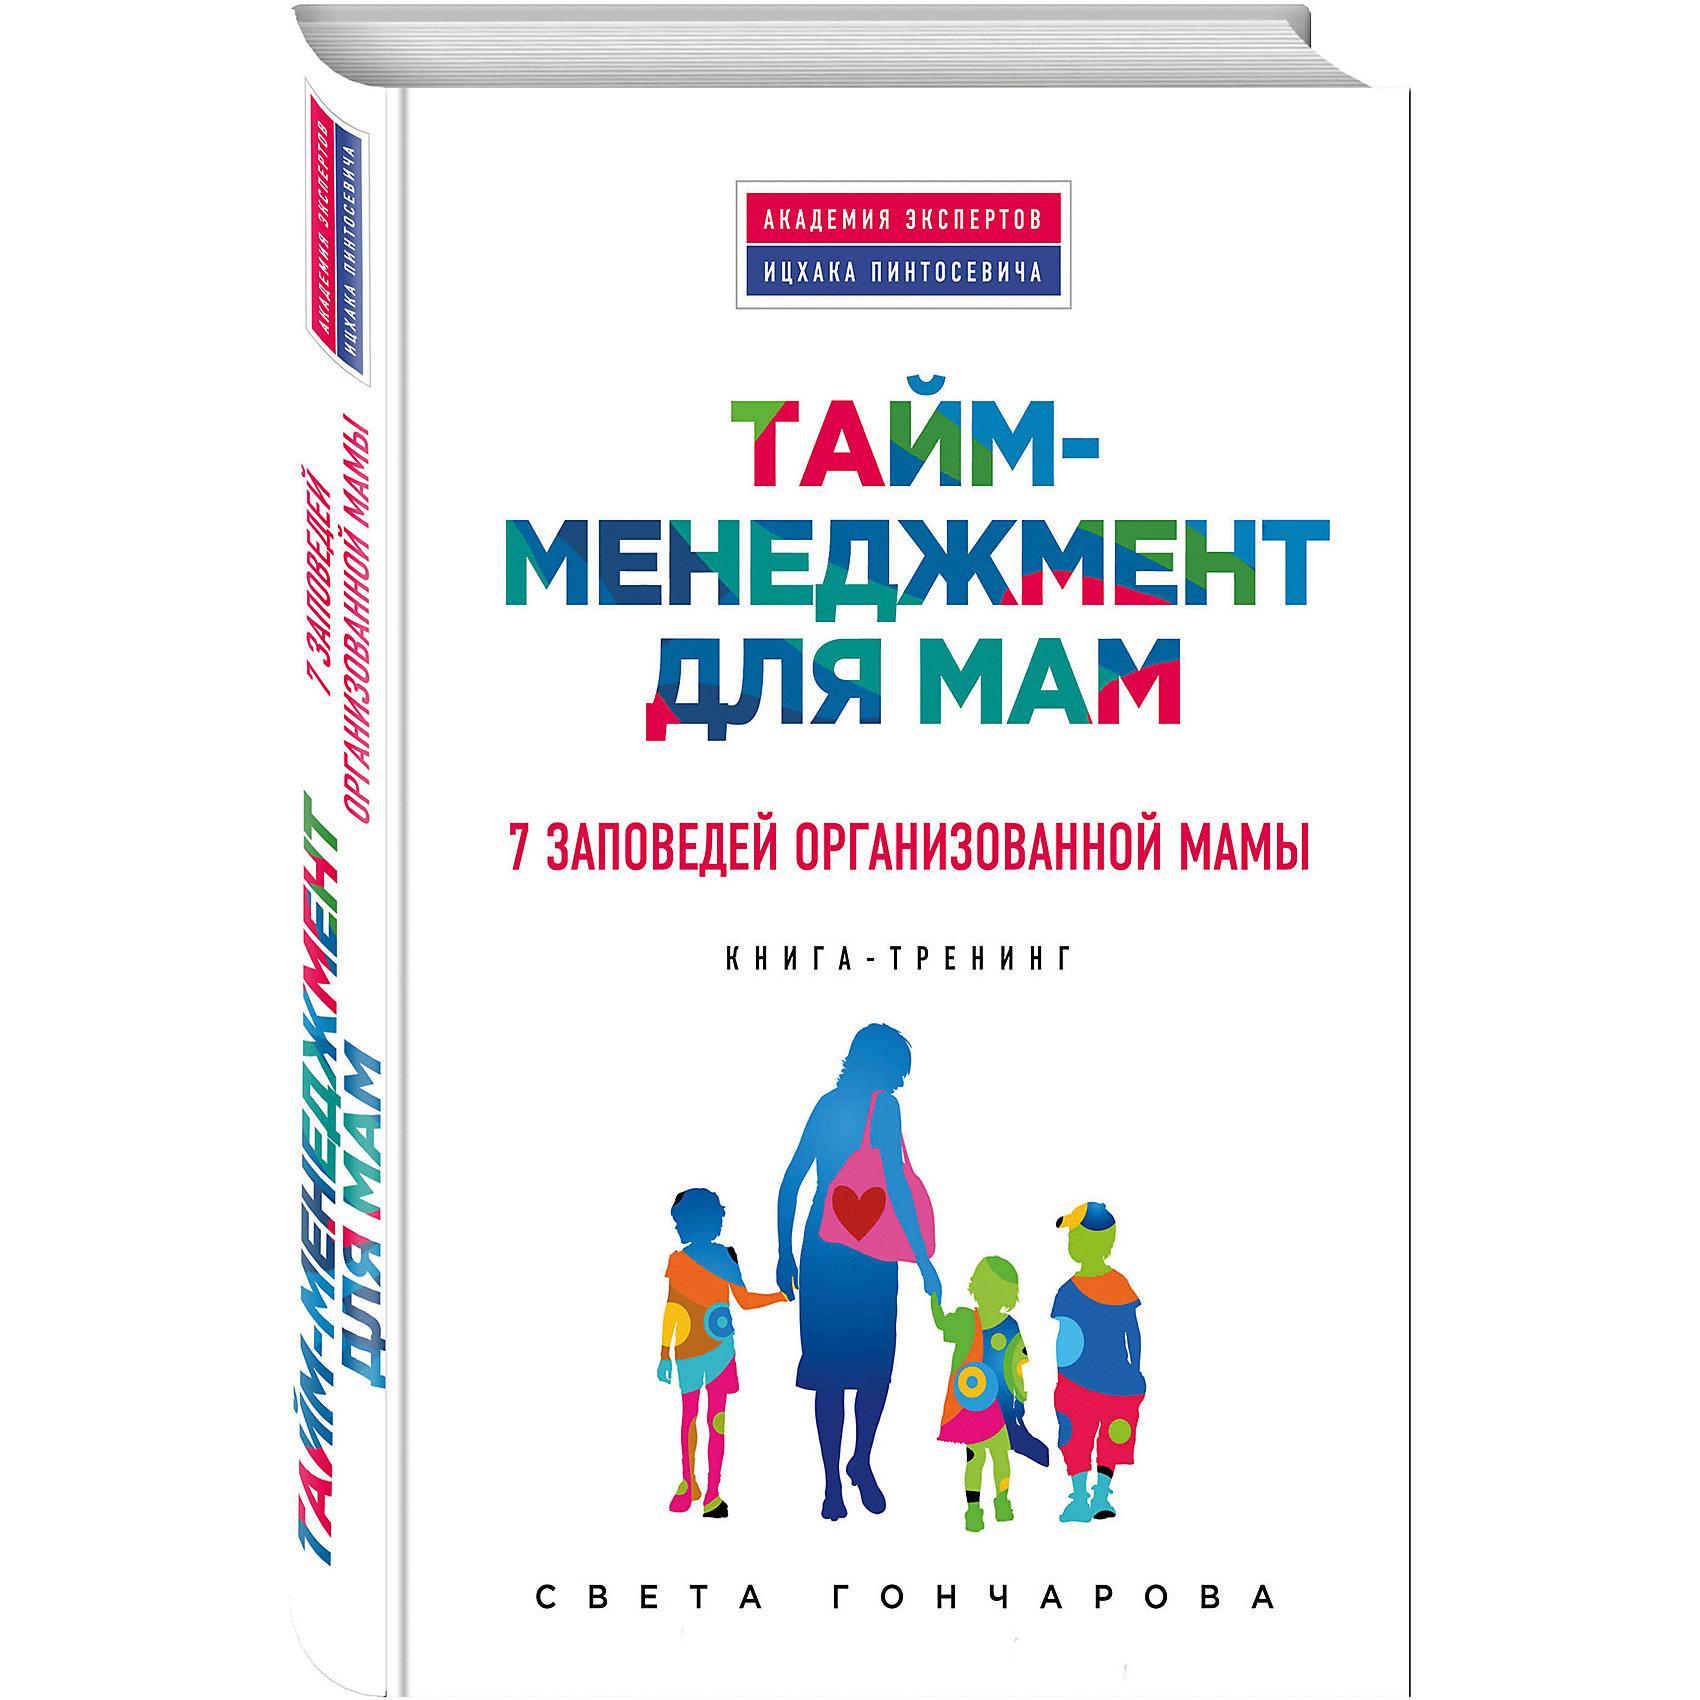 Тайм-менеджмент для мам. 7 заповедей организованной мамыCистема тайм-менеджмента, разработанная автором этой книги-тренинга, проста в применении, уже опробована и дает 100-процентный результат. Выполняя шаг за шагом задания, вы сможете навести порядок в своей жизни: правильно расставлять приоритеты, организовывать детей, находить время для себя и мужа и в итоге стать счастливой и организованной мамой, женой, хозяйкой.<br><br>Дополнительная информация:<br><br>- год выпуска: 2015<br>- количество страниц:176<br>- формат: 20 * 14* 2 см.<br>- переплет: твердый переплет<br>- вес: 302 гр.<br>- возраст: от  18  лет<br><br>Книгу Тайм-менеджмент для мам. 7 заповедей организованной мамы можно купить в нашем интернет - магазине.<br><br>Ширина мм: 200<br>Глубина мм: 138<br>Высота мм: 17<br>Вес г: 318<br>Возраст от месяцев: 144<br>Возраст до месяцев: 2147483647<br>Пол: Унисекс<br>Возраст: Детский<br>SKU: 4753476